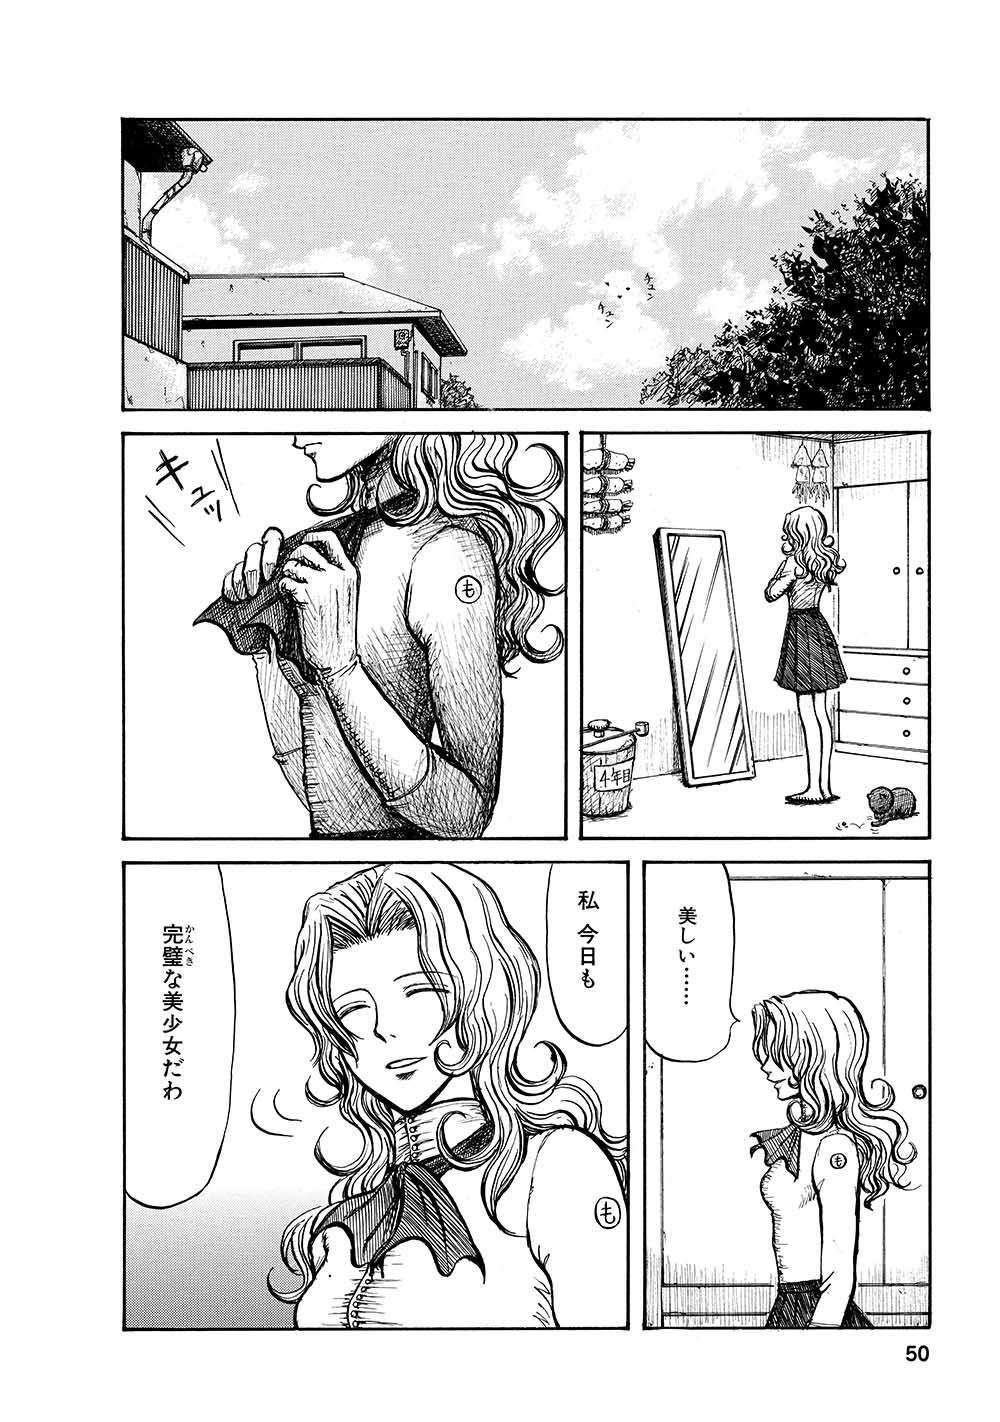 未知庵1_050.jpg